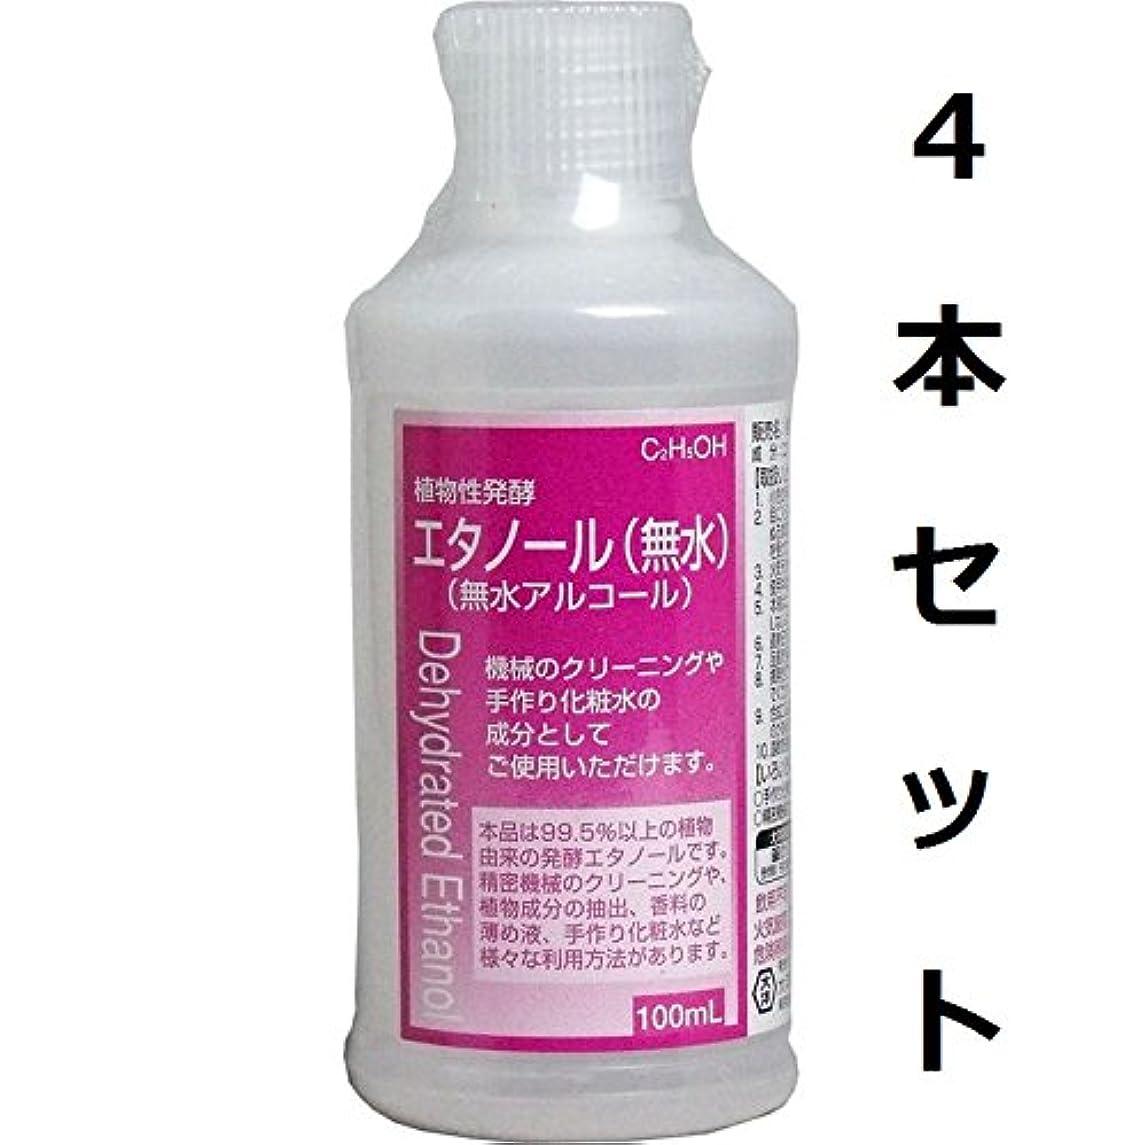 ホットチップ上昇香料の薄め液に 植物性発酵エタノール(無水エタノール) 100mL 4本セット